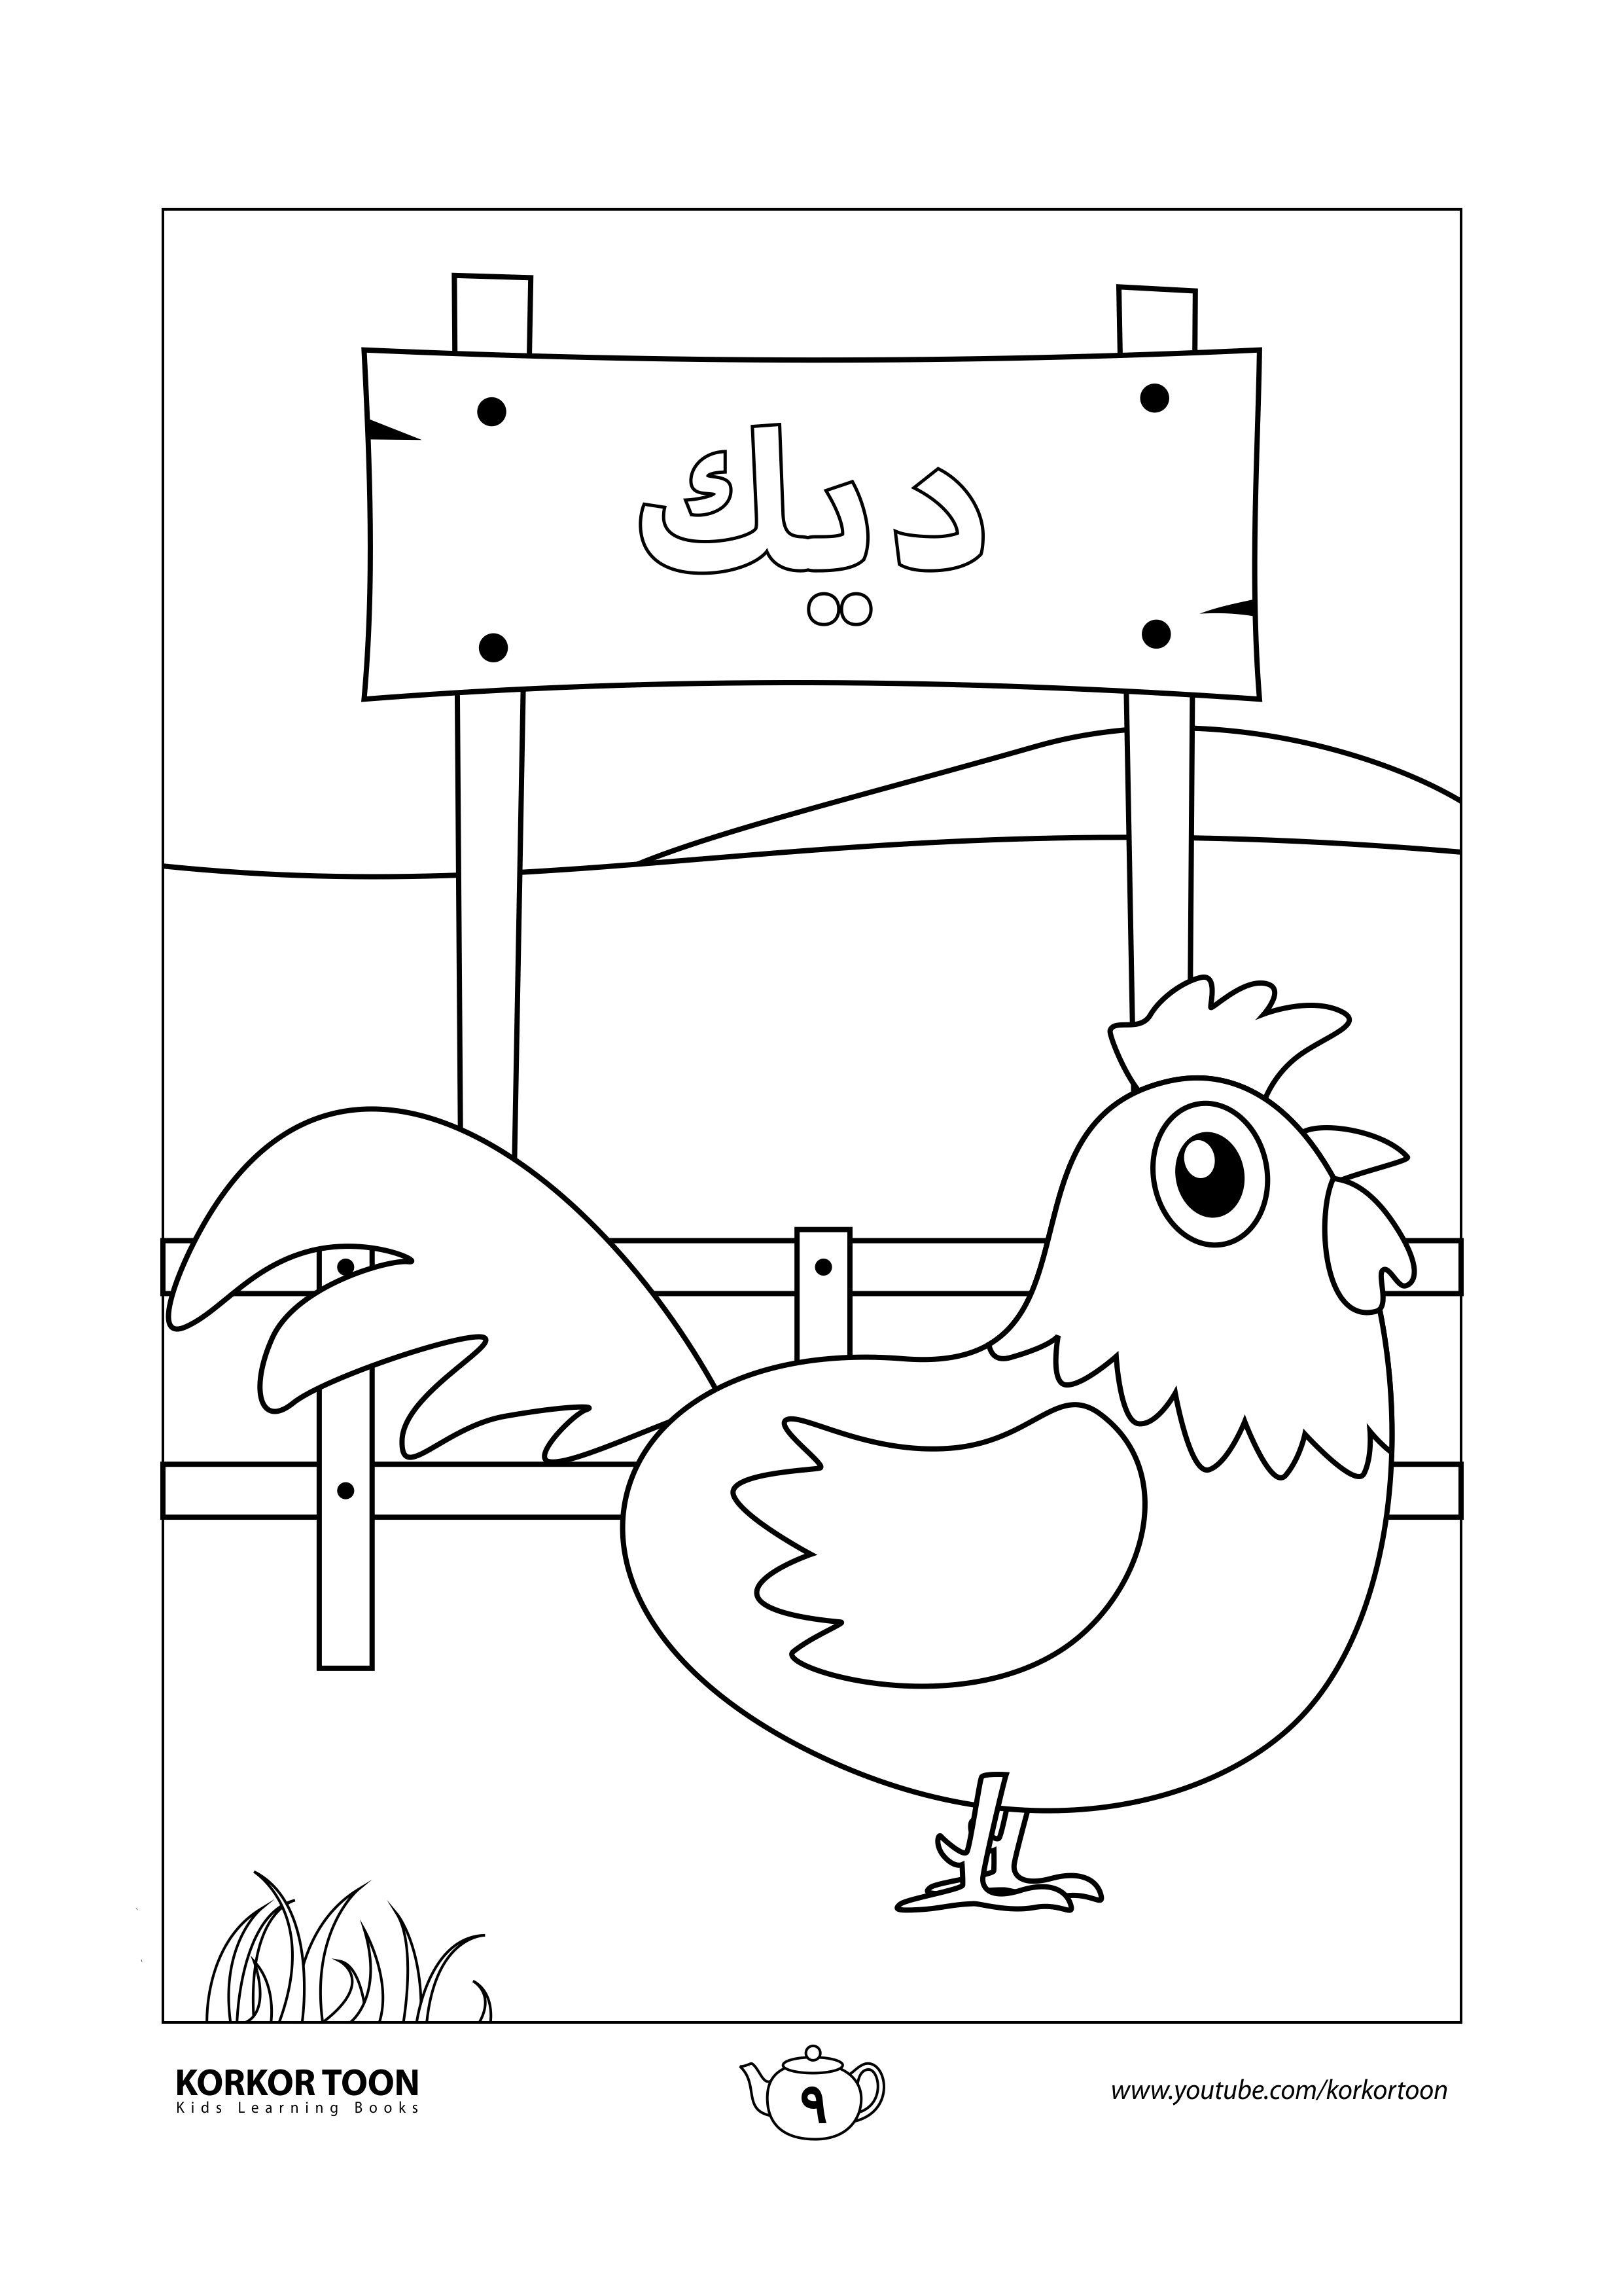 كتاب تلوين حيوانات المزرعة تلوين الديك صفحة 9 Animal Coloring Books Farm Animals Preschool Coloring Books